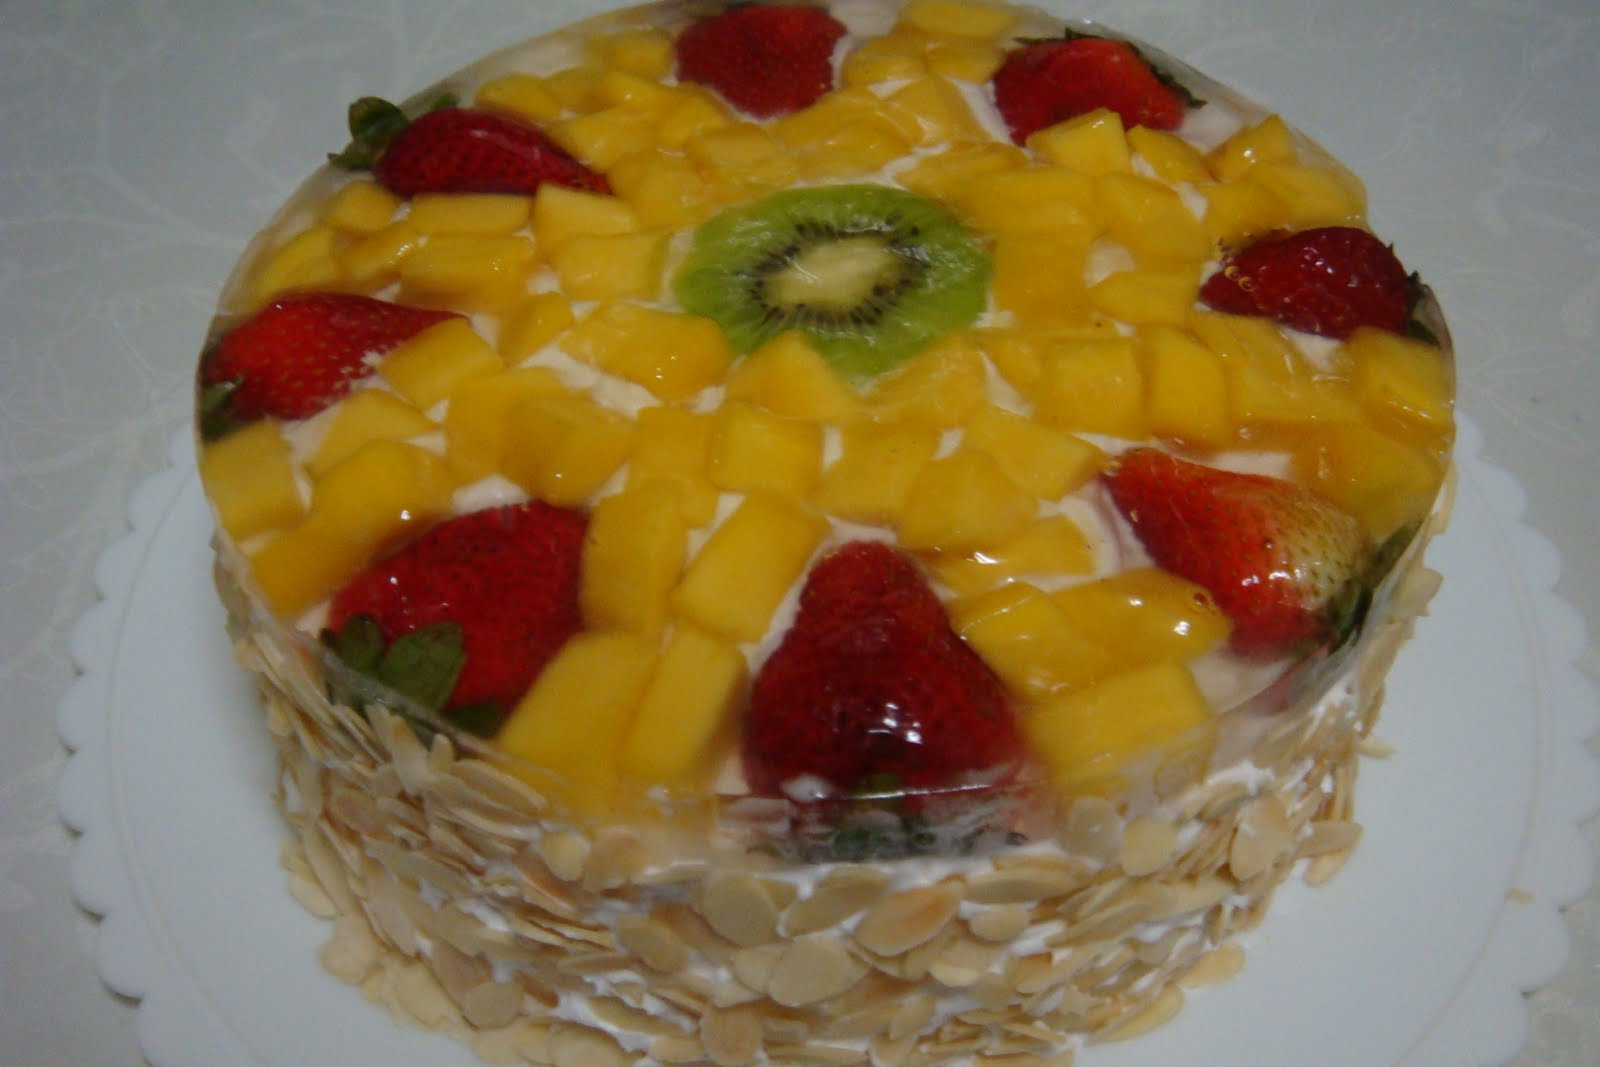 Cookiss @ Sheryl s Kitchen: Mango Fruit Flan Cake